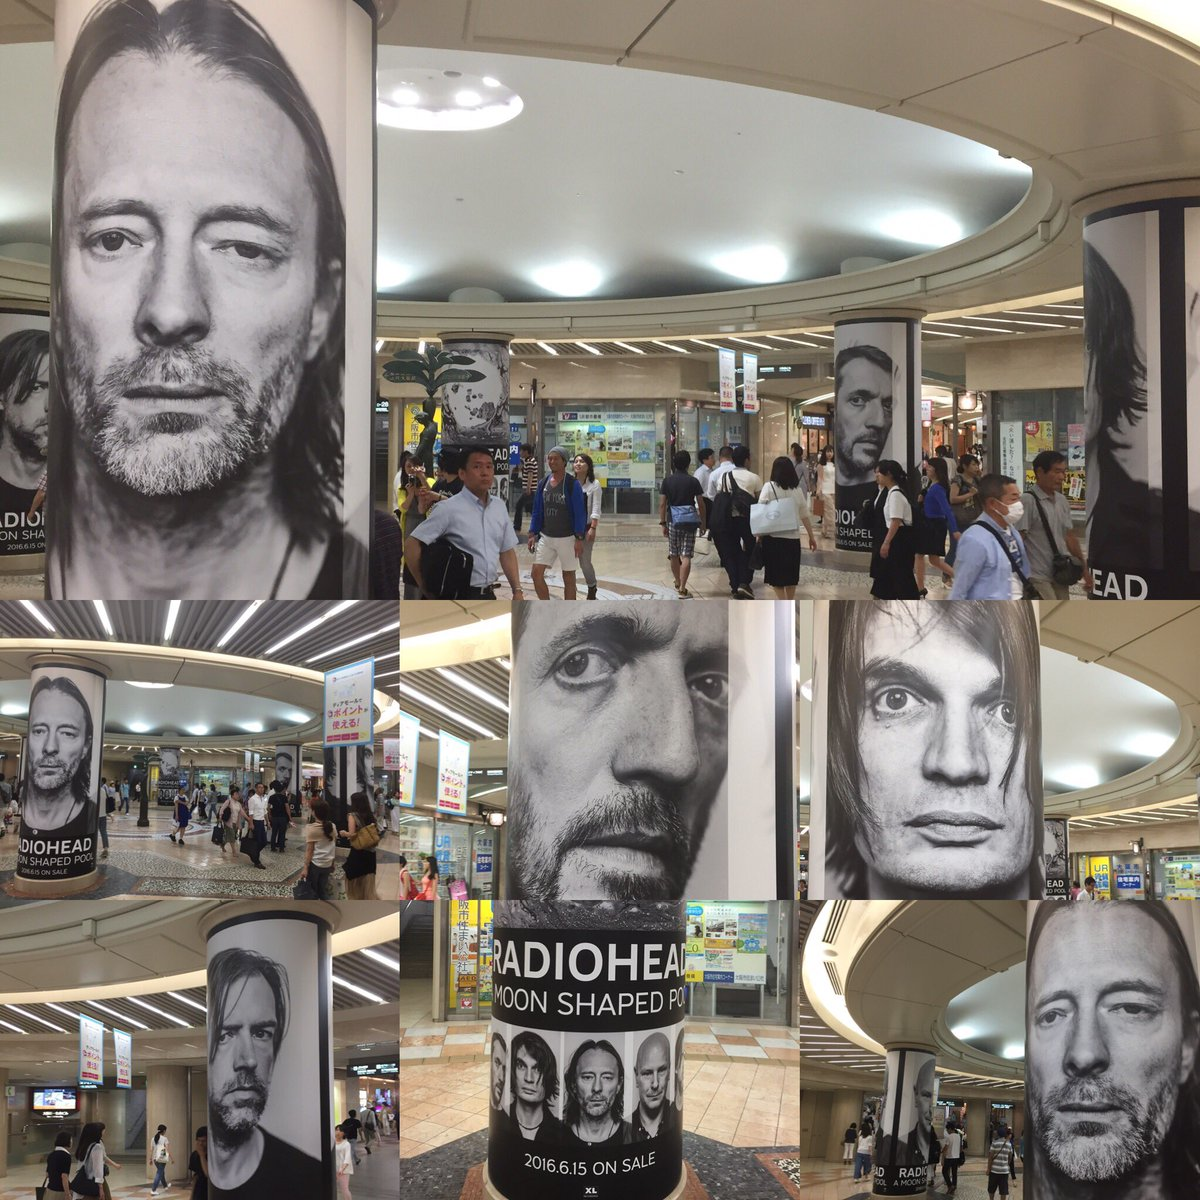 これが見たくて大阪へ!Radioheadの新作『A MOON SHAPED POOL』すげーインパクトのあるOOH!  #radiohead #amoonshapedpool #レディオヘッド #thomyorke #トムヨーク https://t.co/UuNnlmYkeR